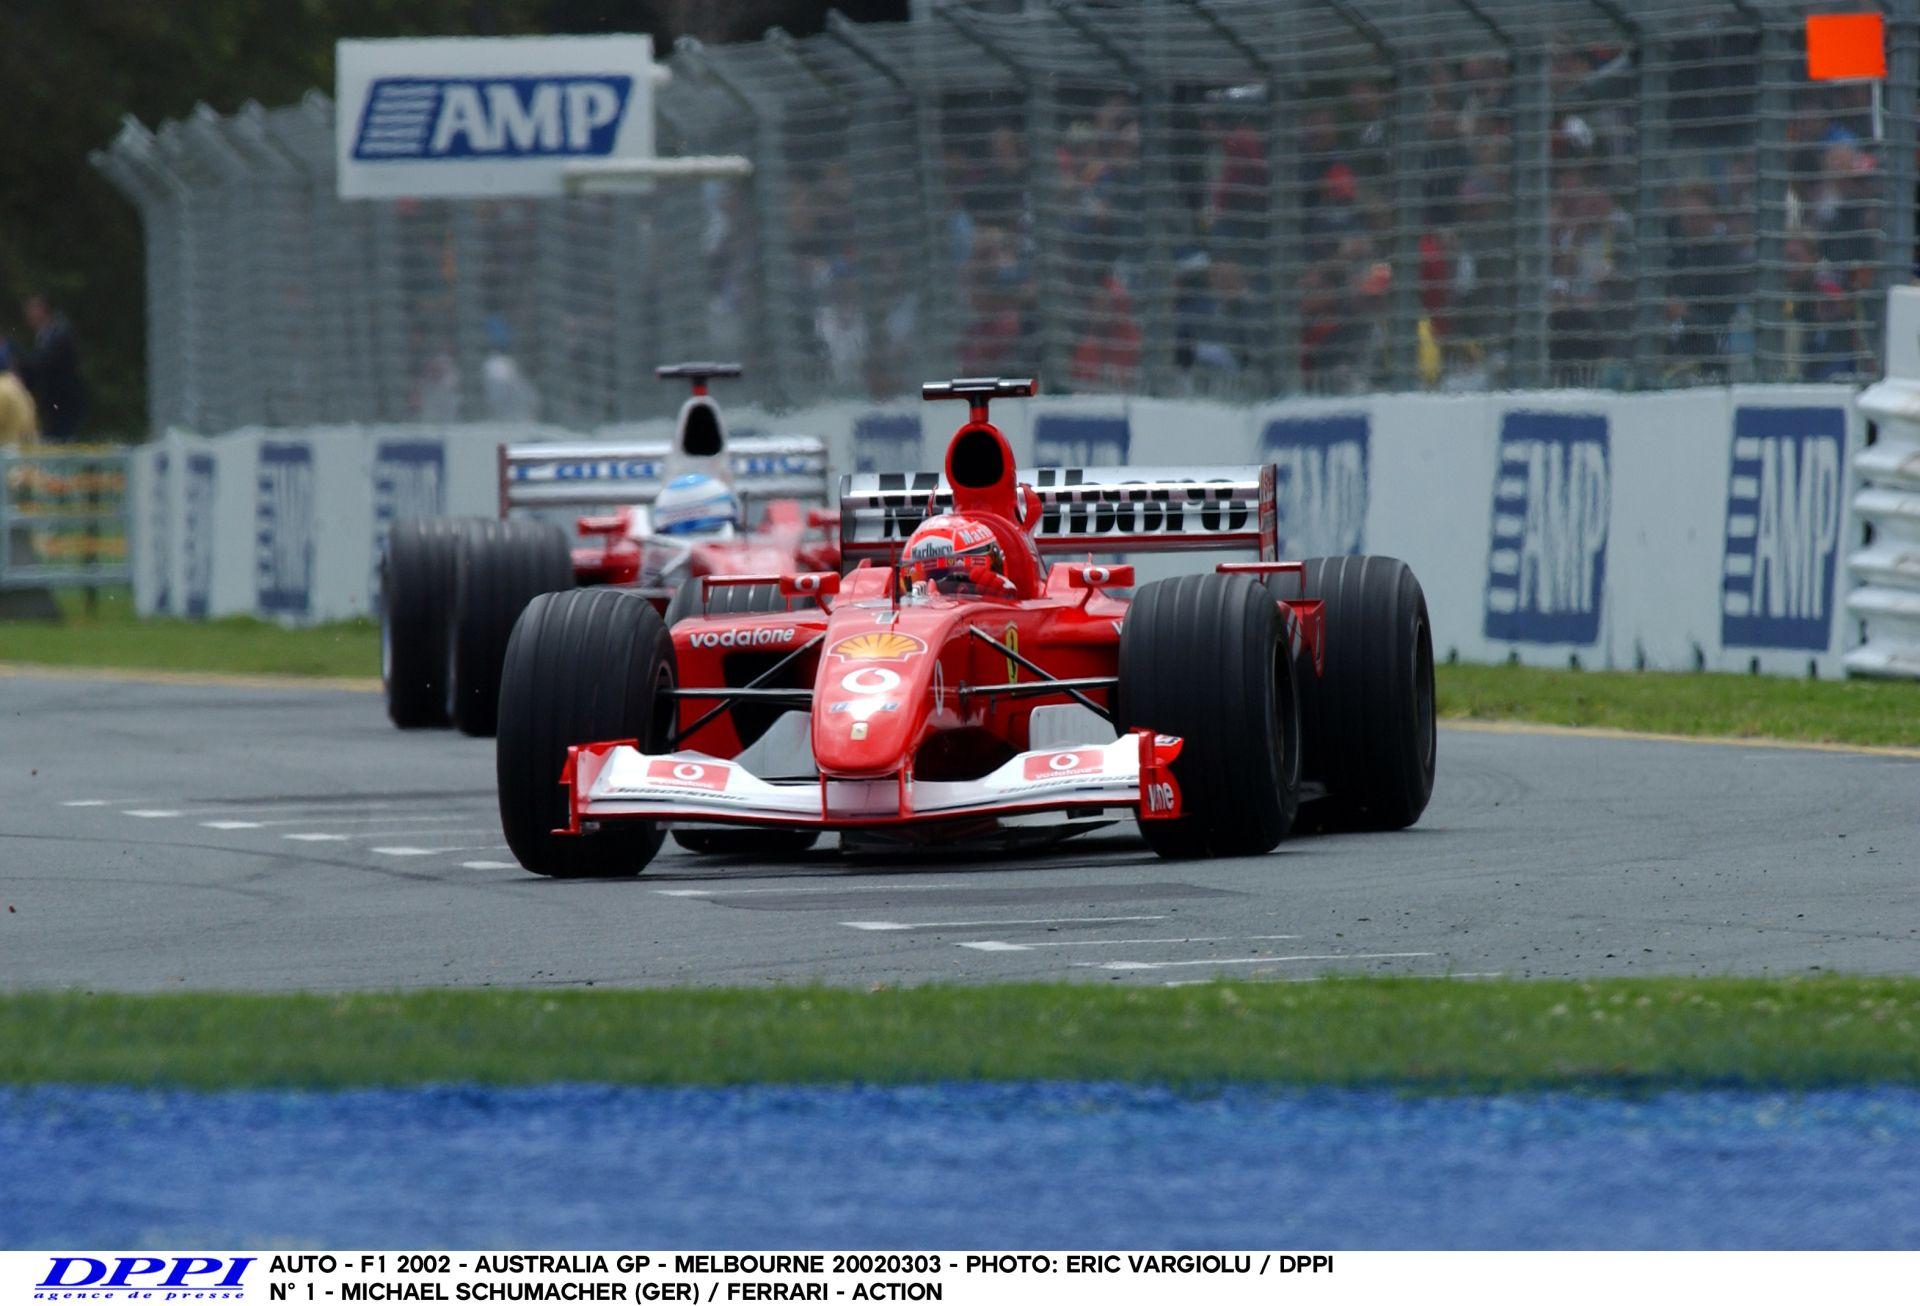 Schumacher Vs. Montoya Vs. Trulli: Ausztrál Nagydíj 2002